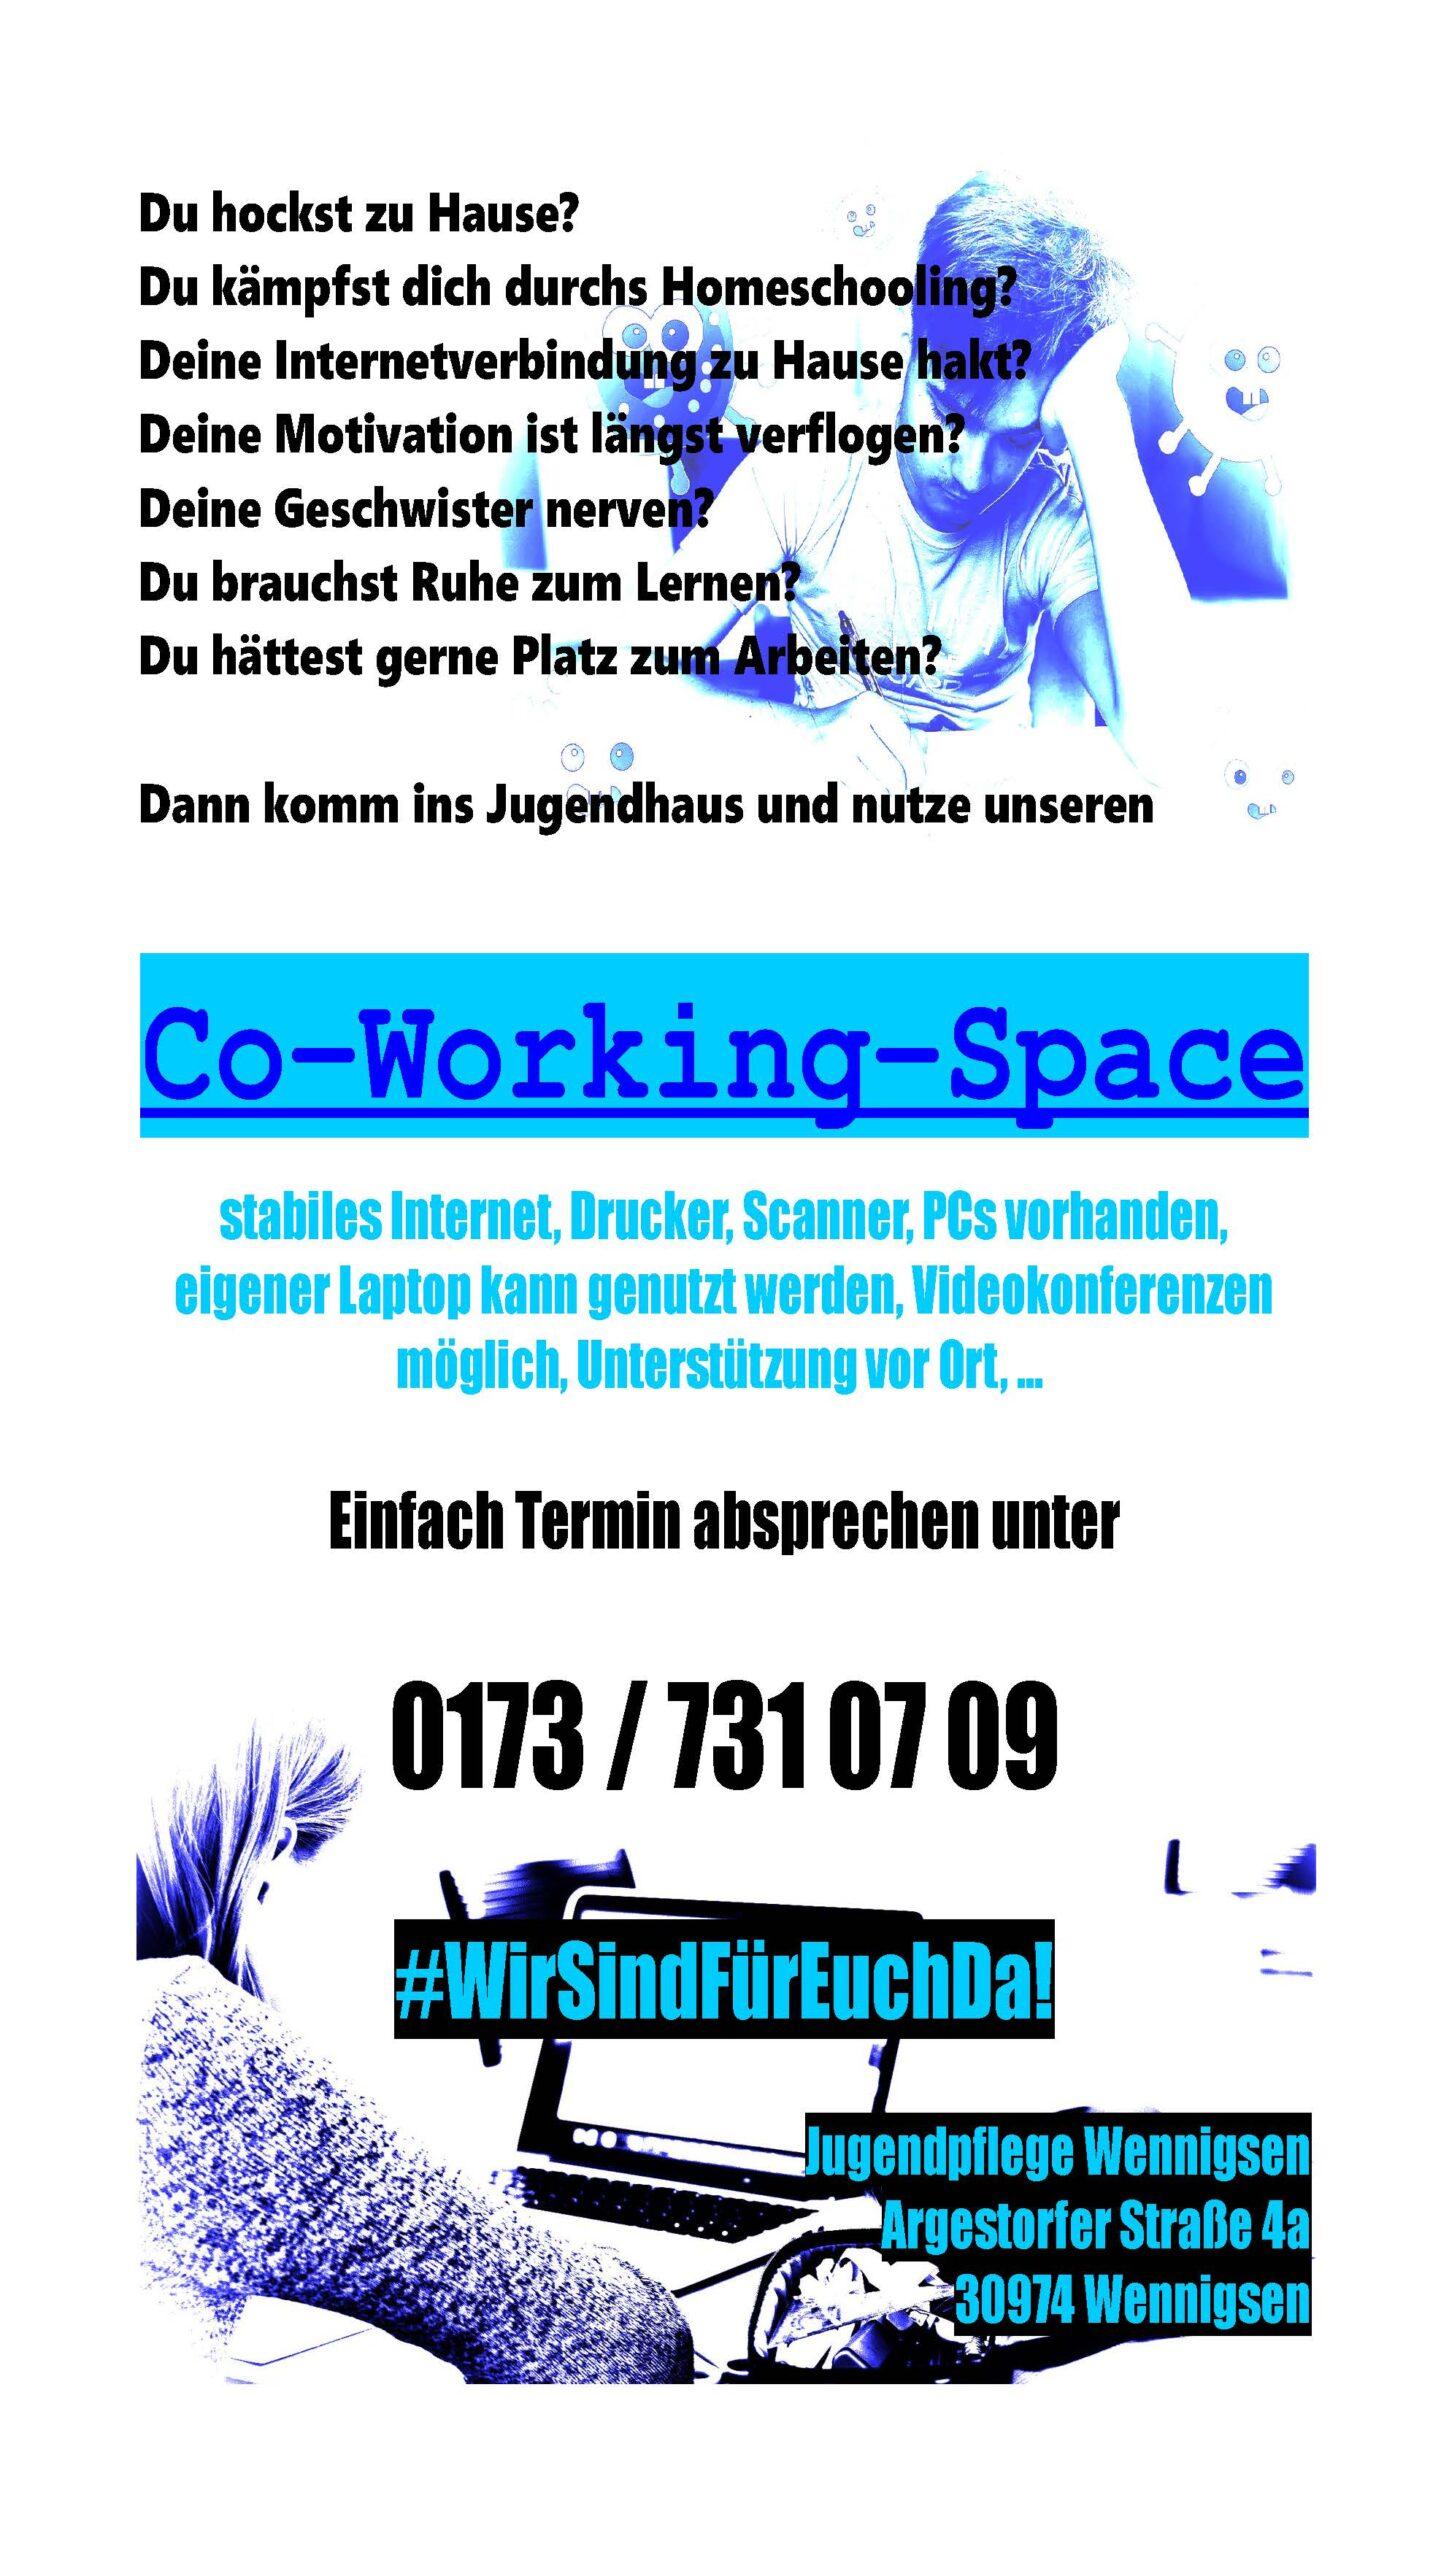 Coworking Space startet